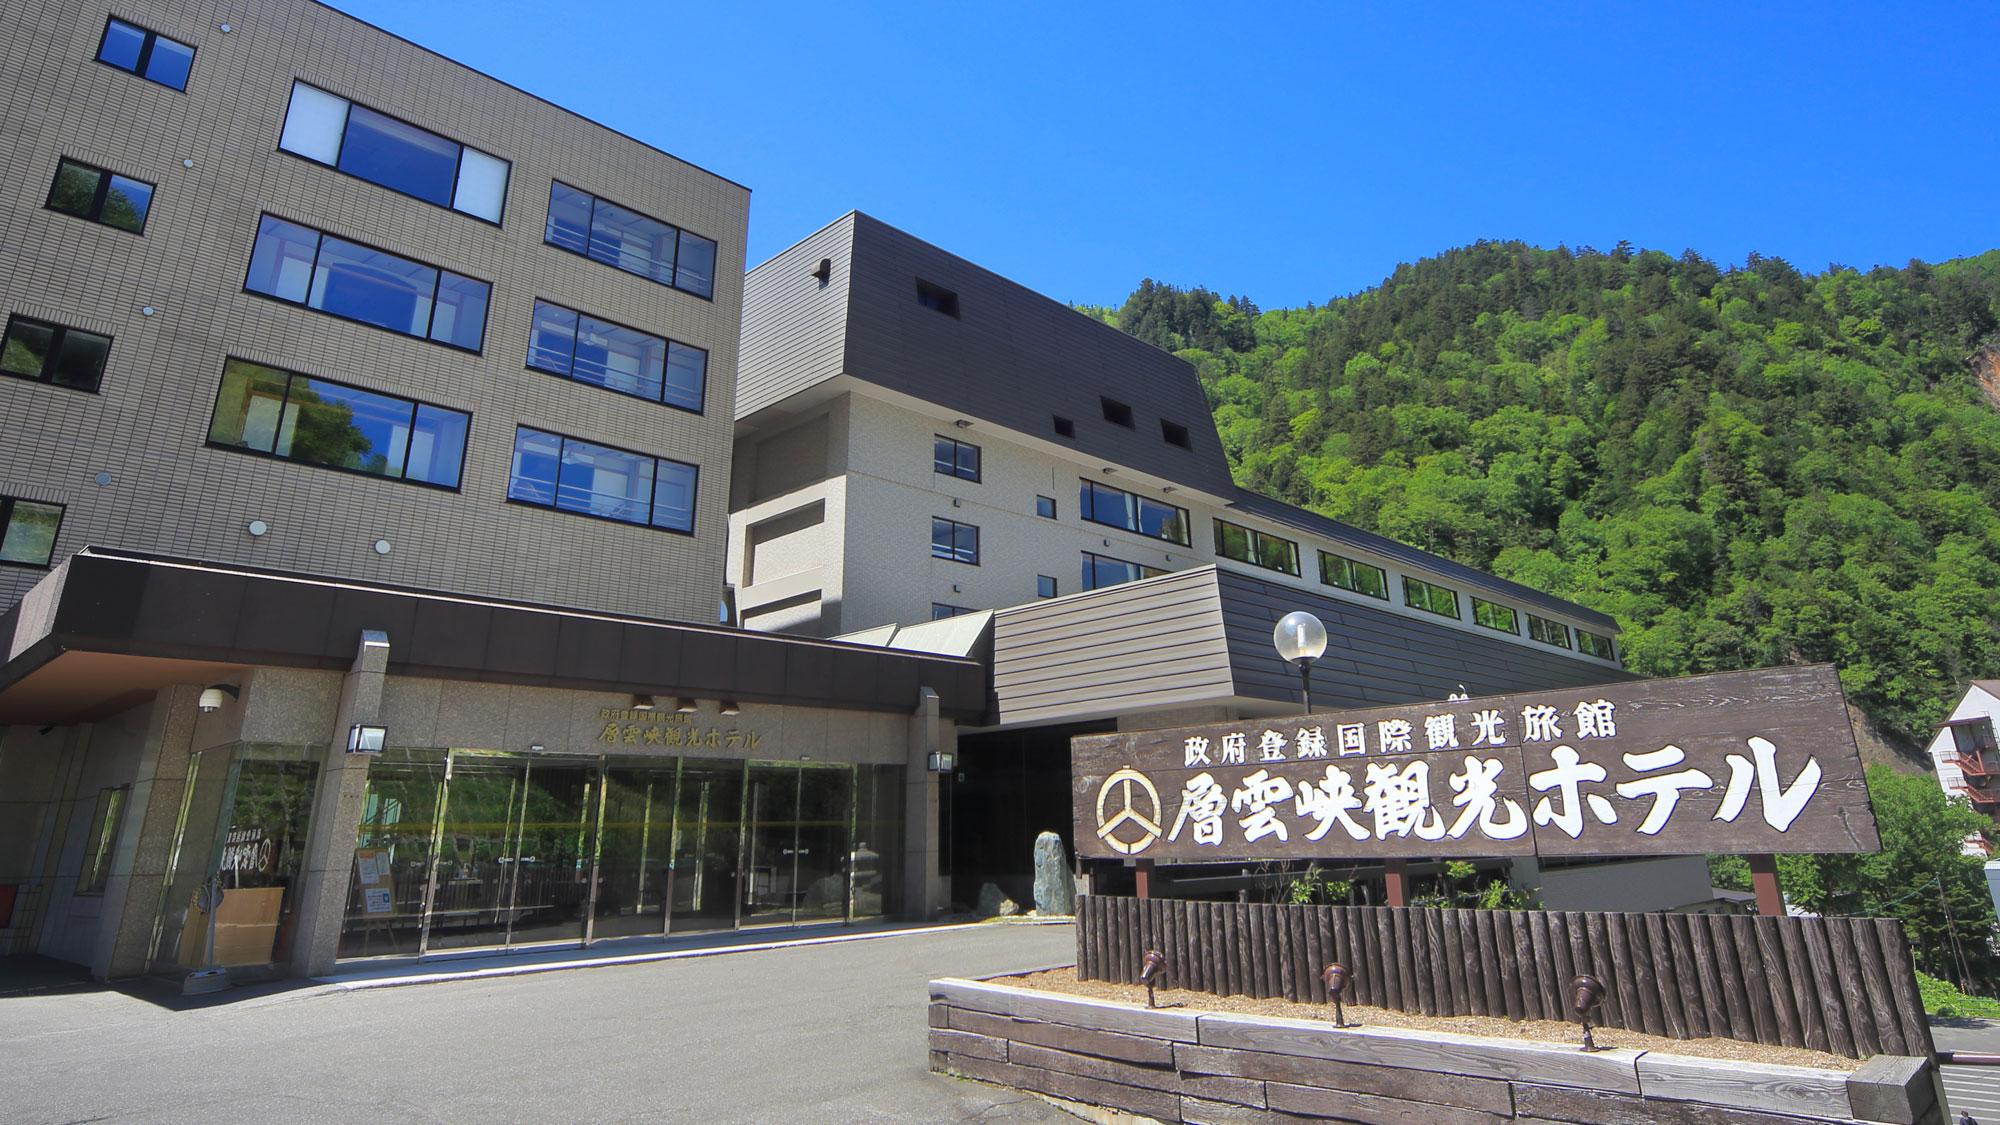 層雲峡温泉 層雲峡観光ホテル